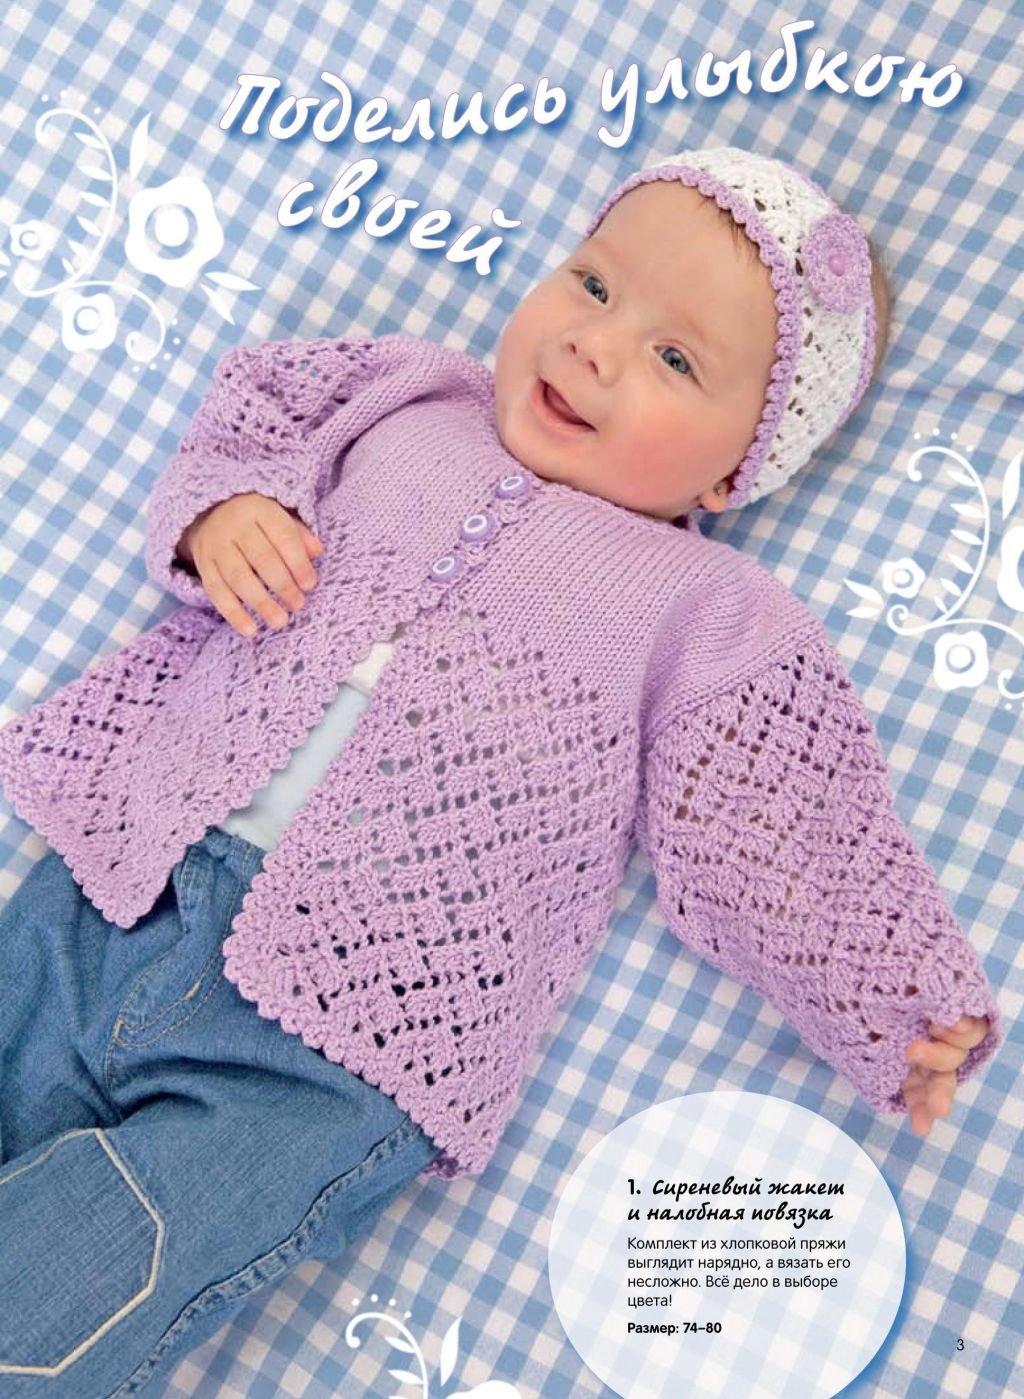 Вязание ажурной кофточки для новорожденной девочки